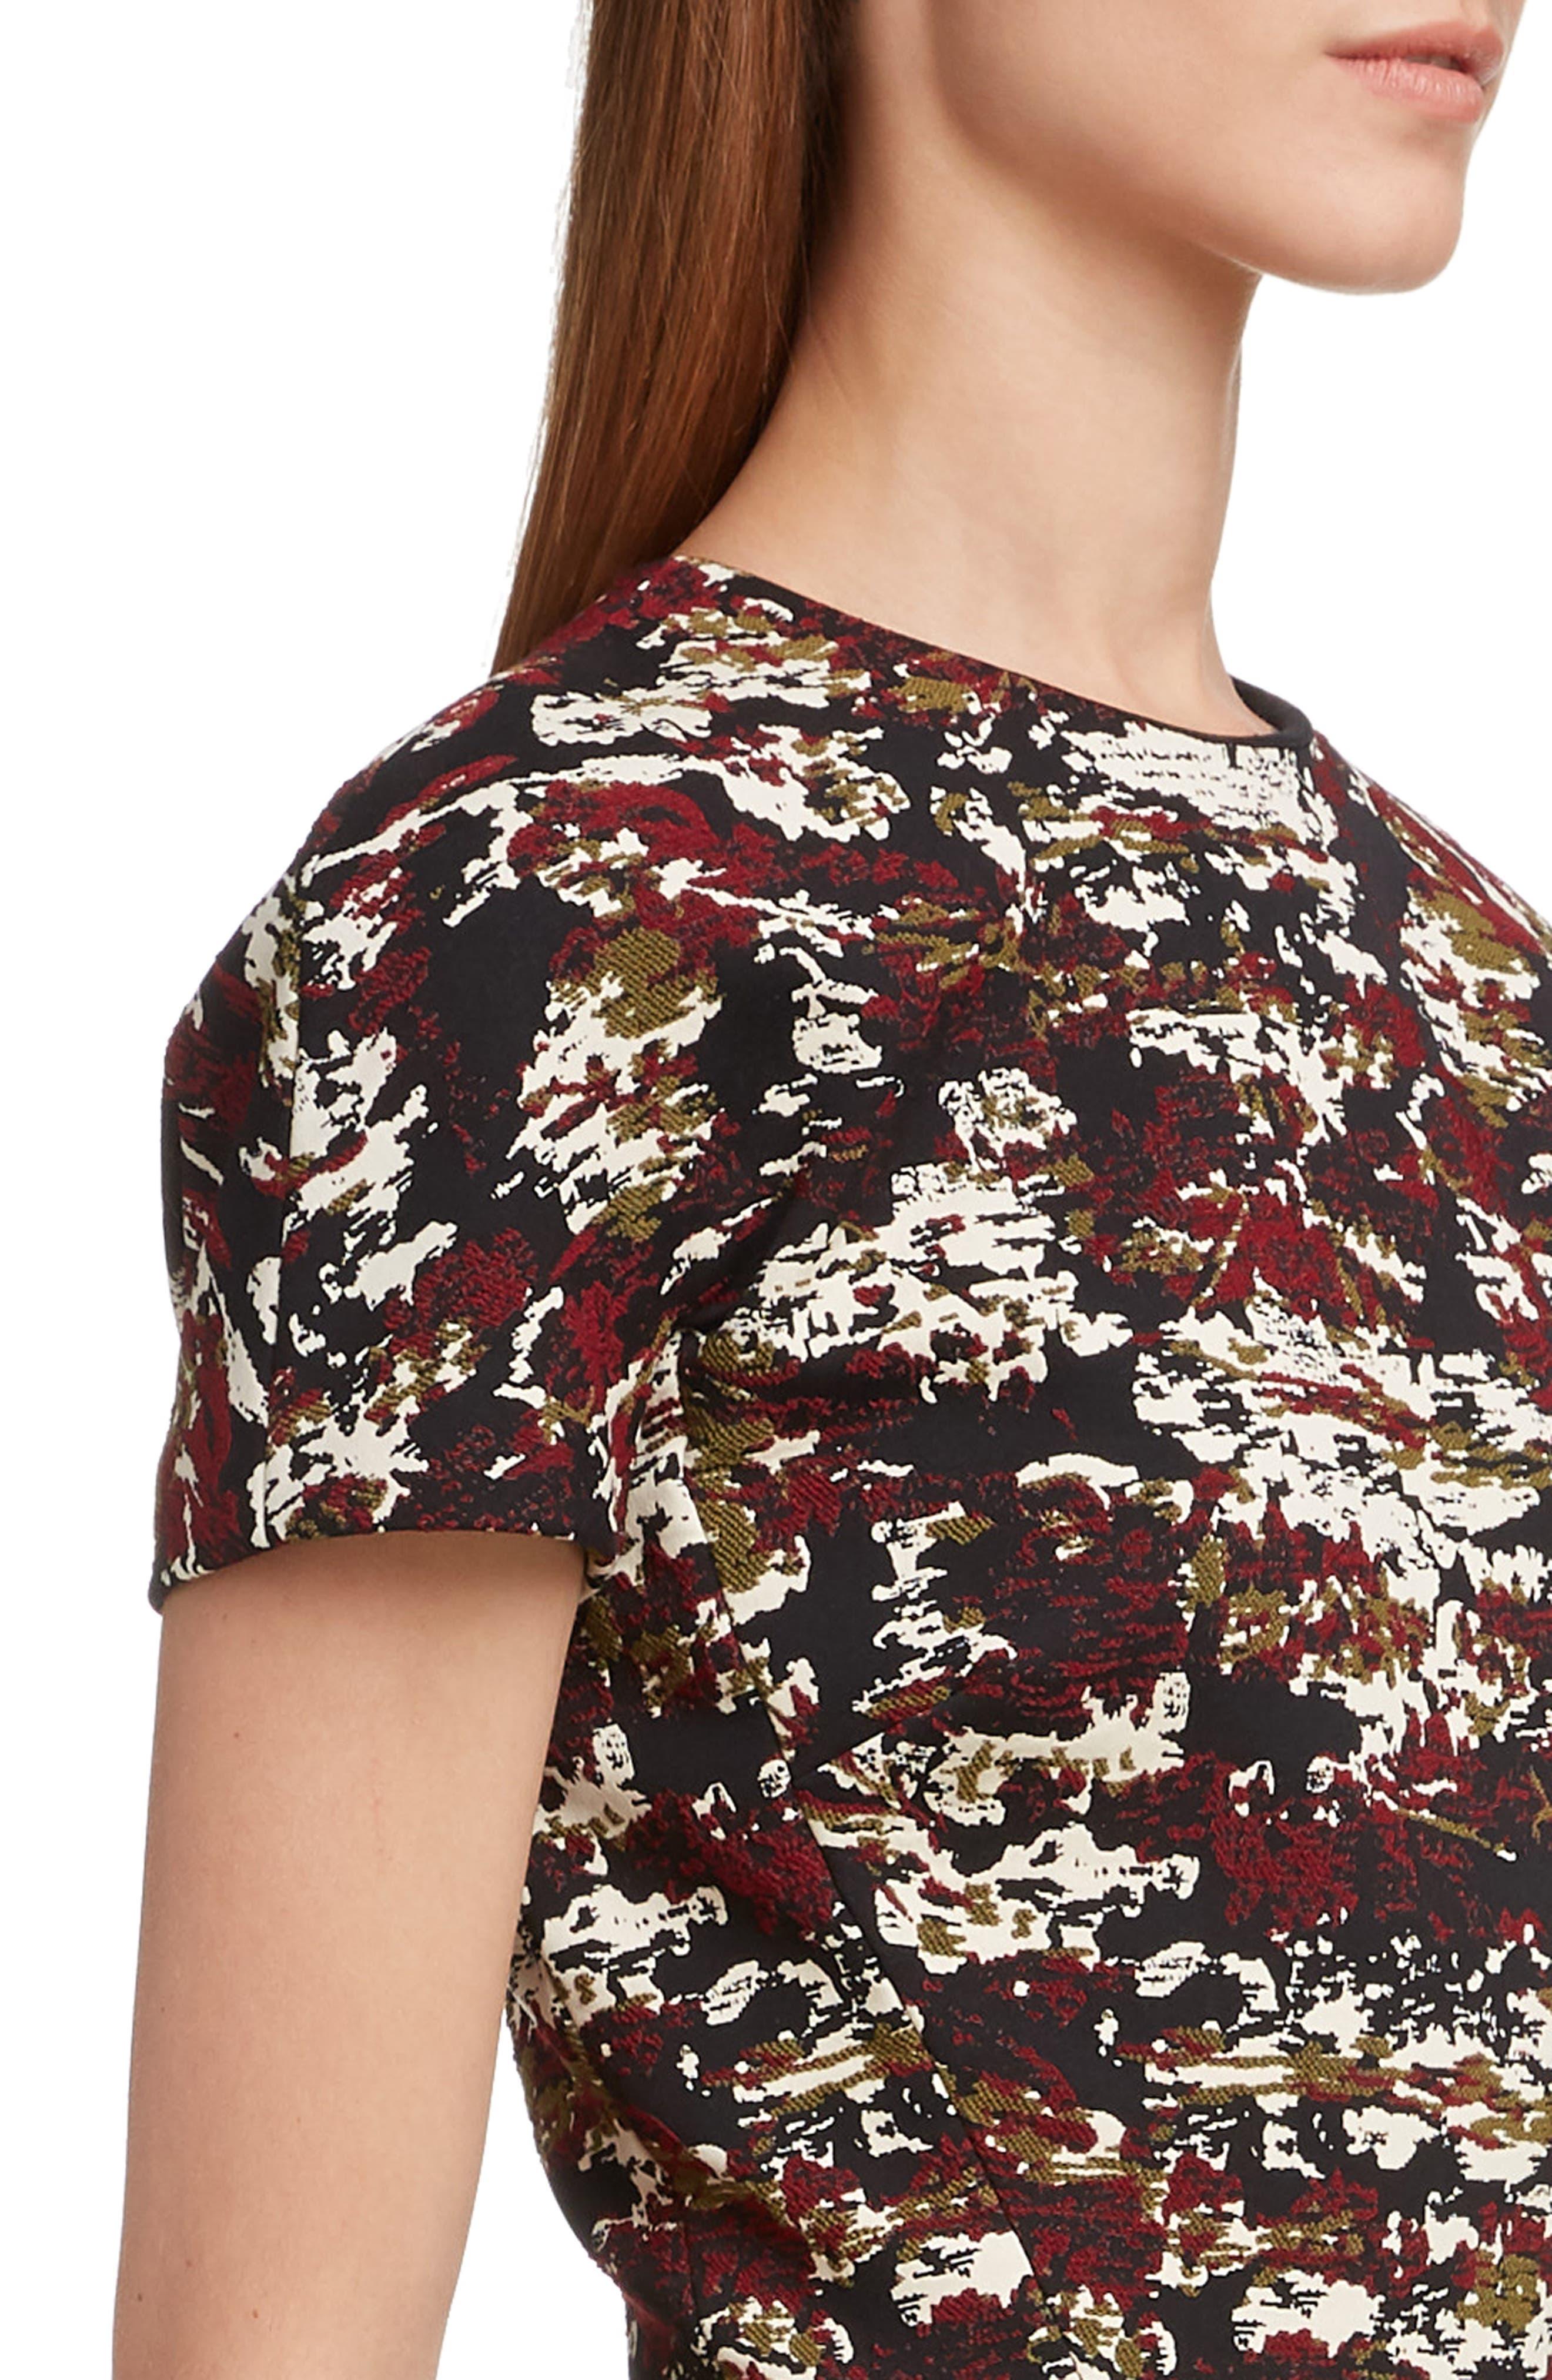 VICTORIA BECKHAM, Camouflage Jacquard Dress, Alternate thumbnail 4, color, BORDEAUX-BLACK